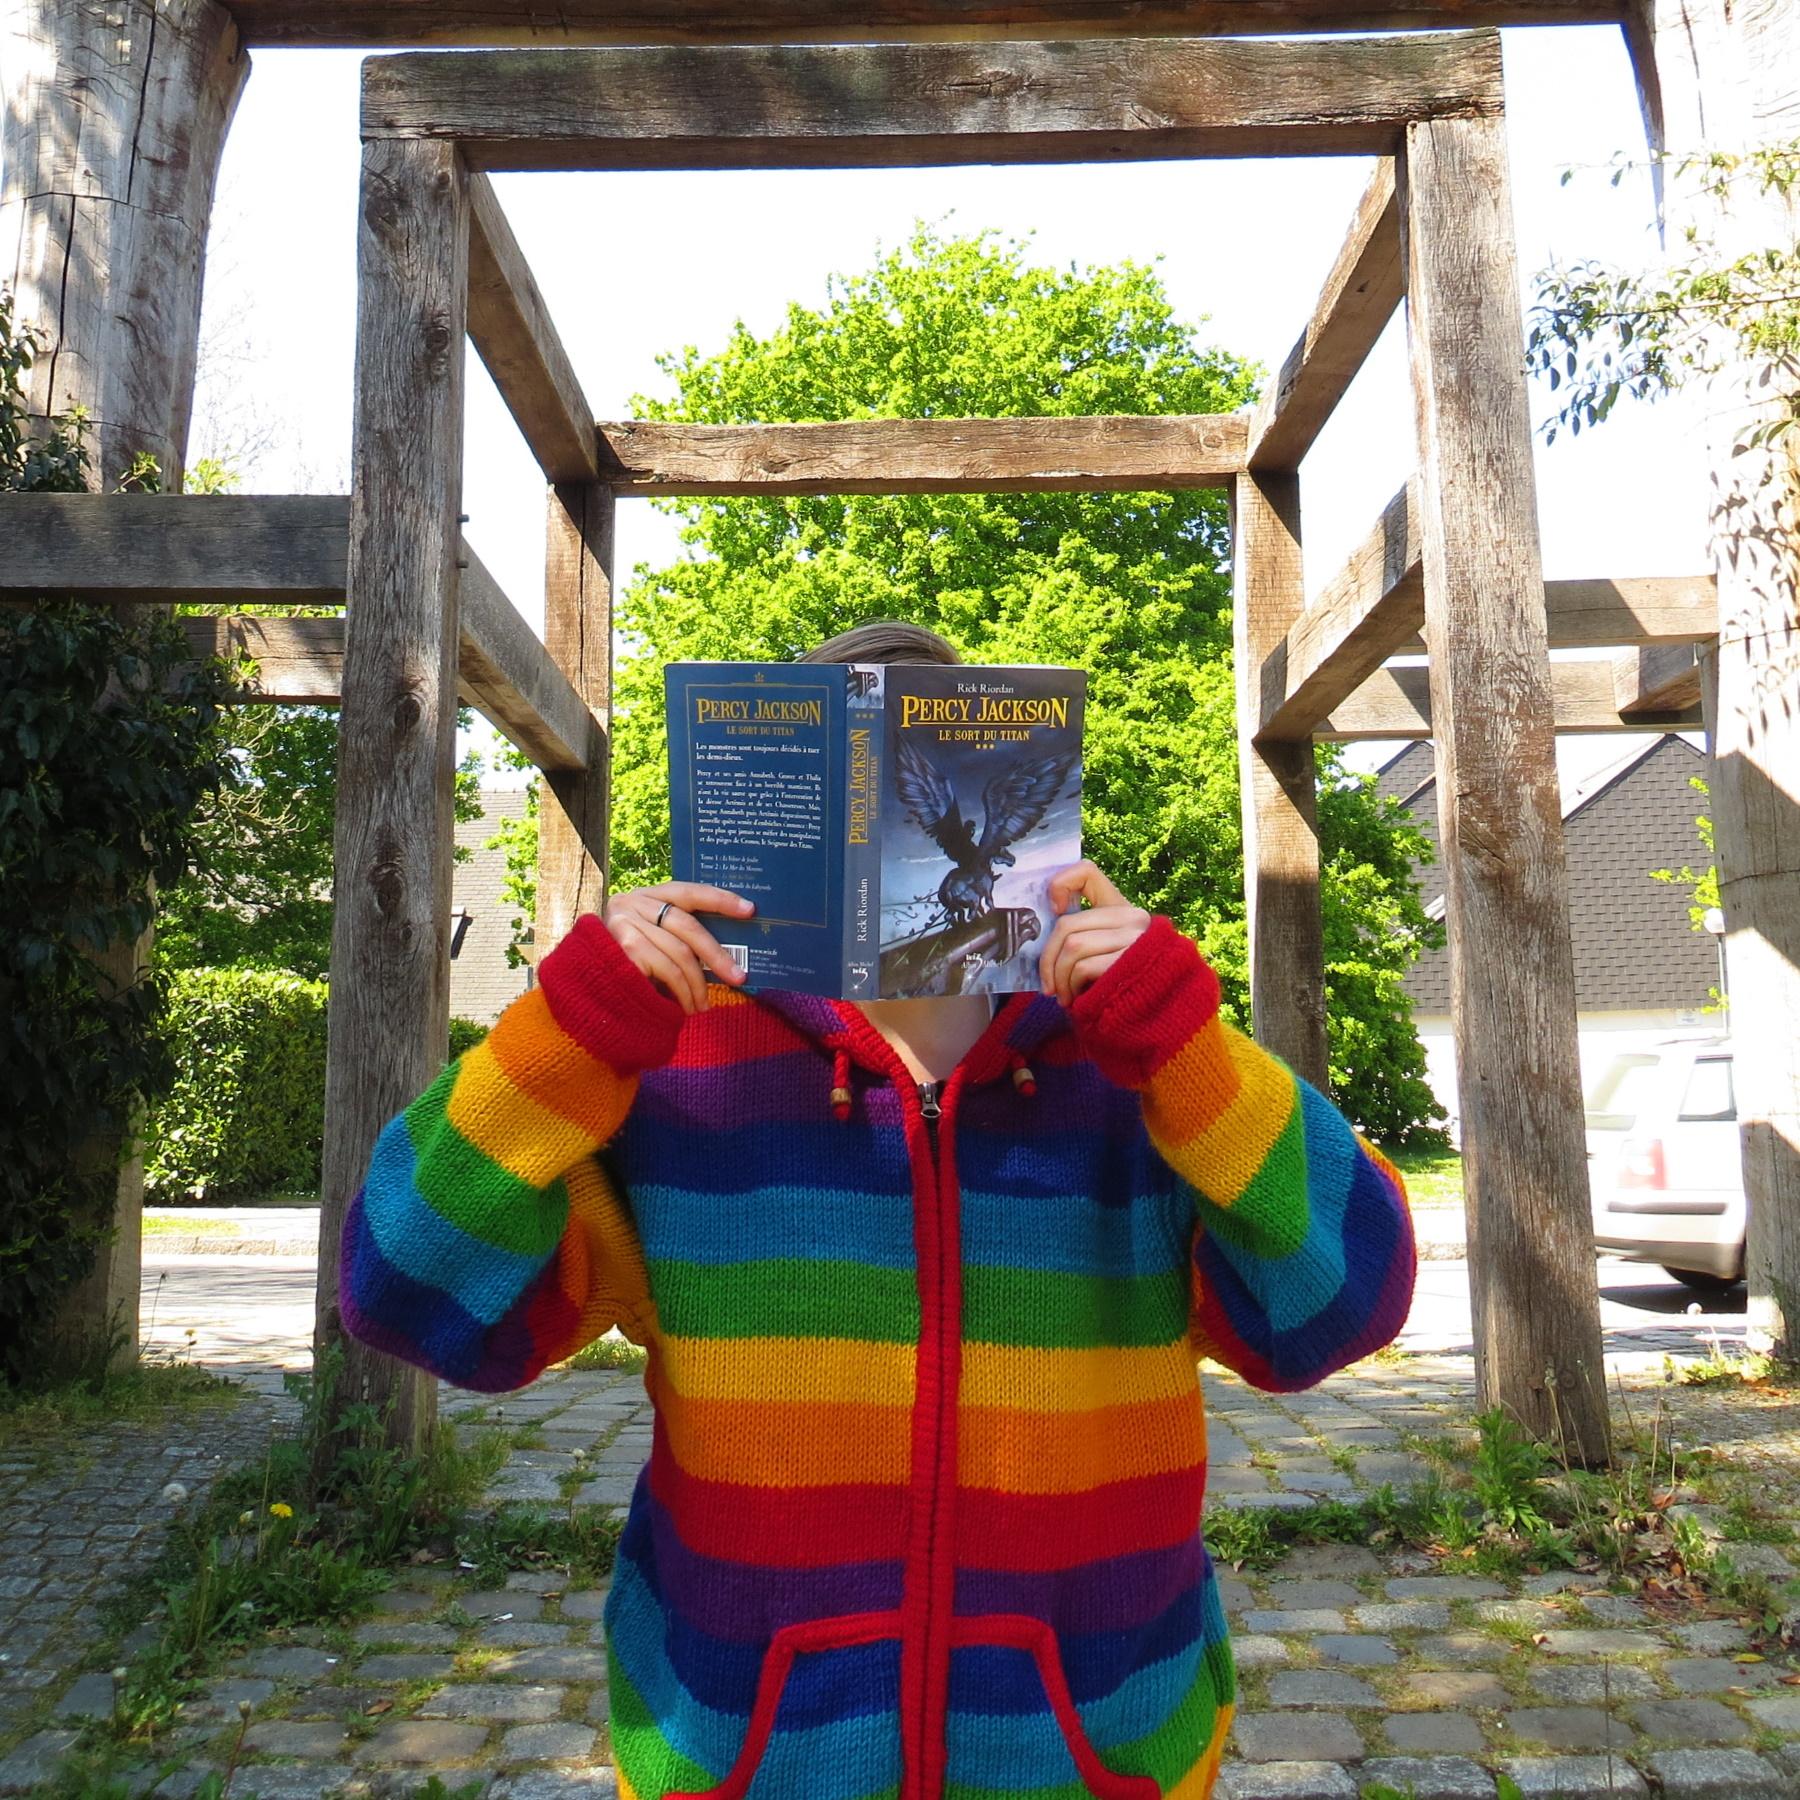 personne en manteau à rayures arc-en-ciel lisant Percy Jackson tome 3 de Rick Riordan devant une structure de bois